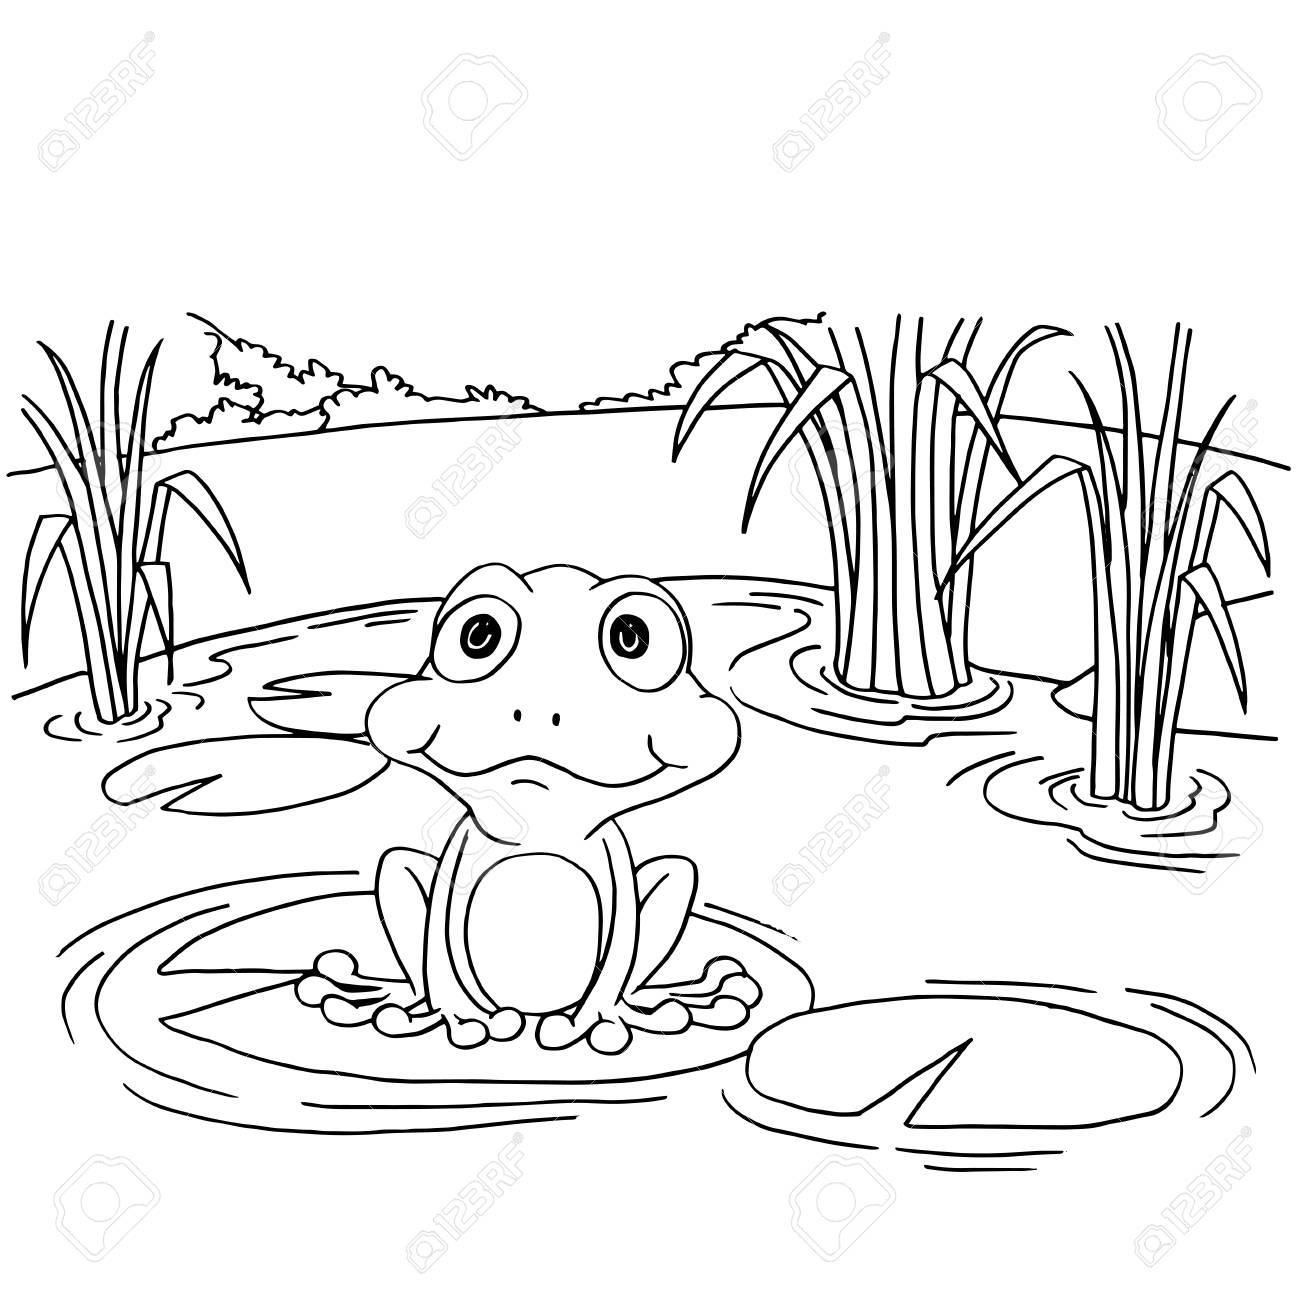 Rana De Dibujos Animados En El Lago Para Colorear Ilustración ...